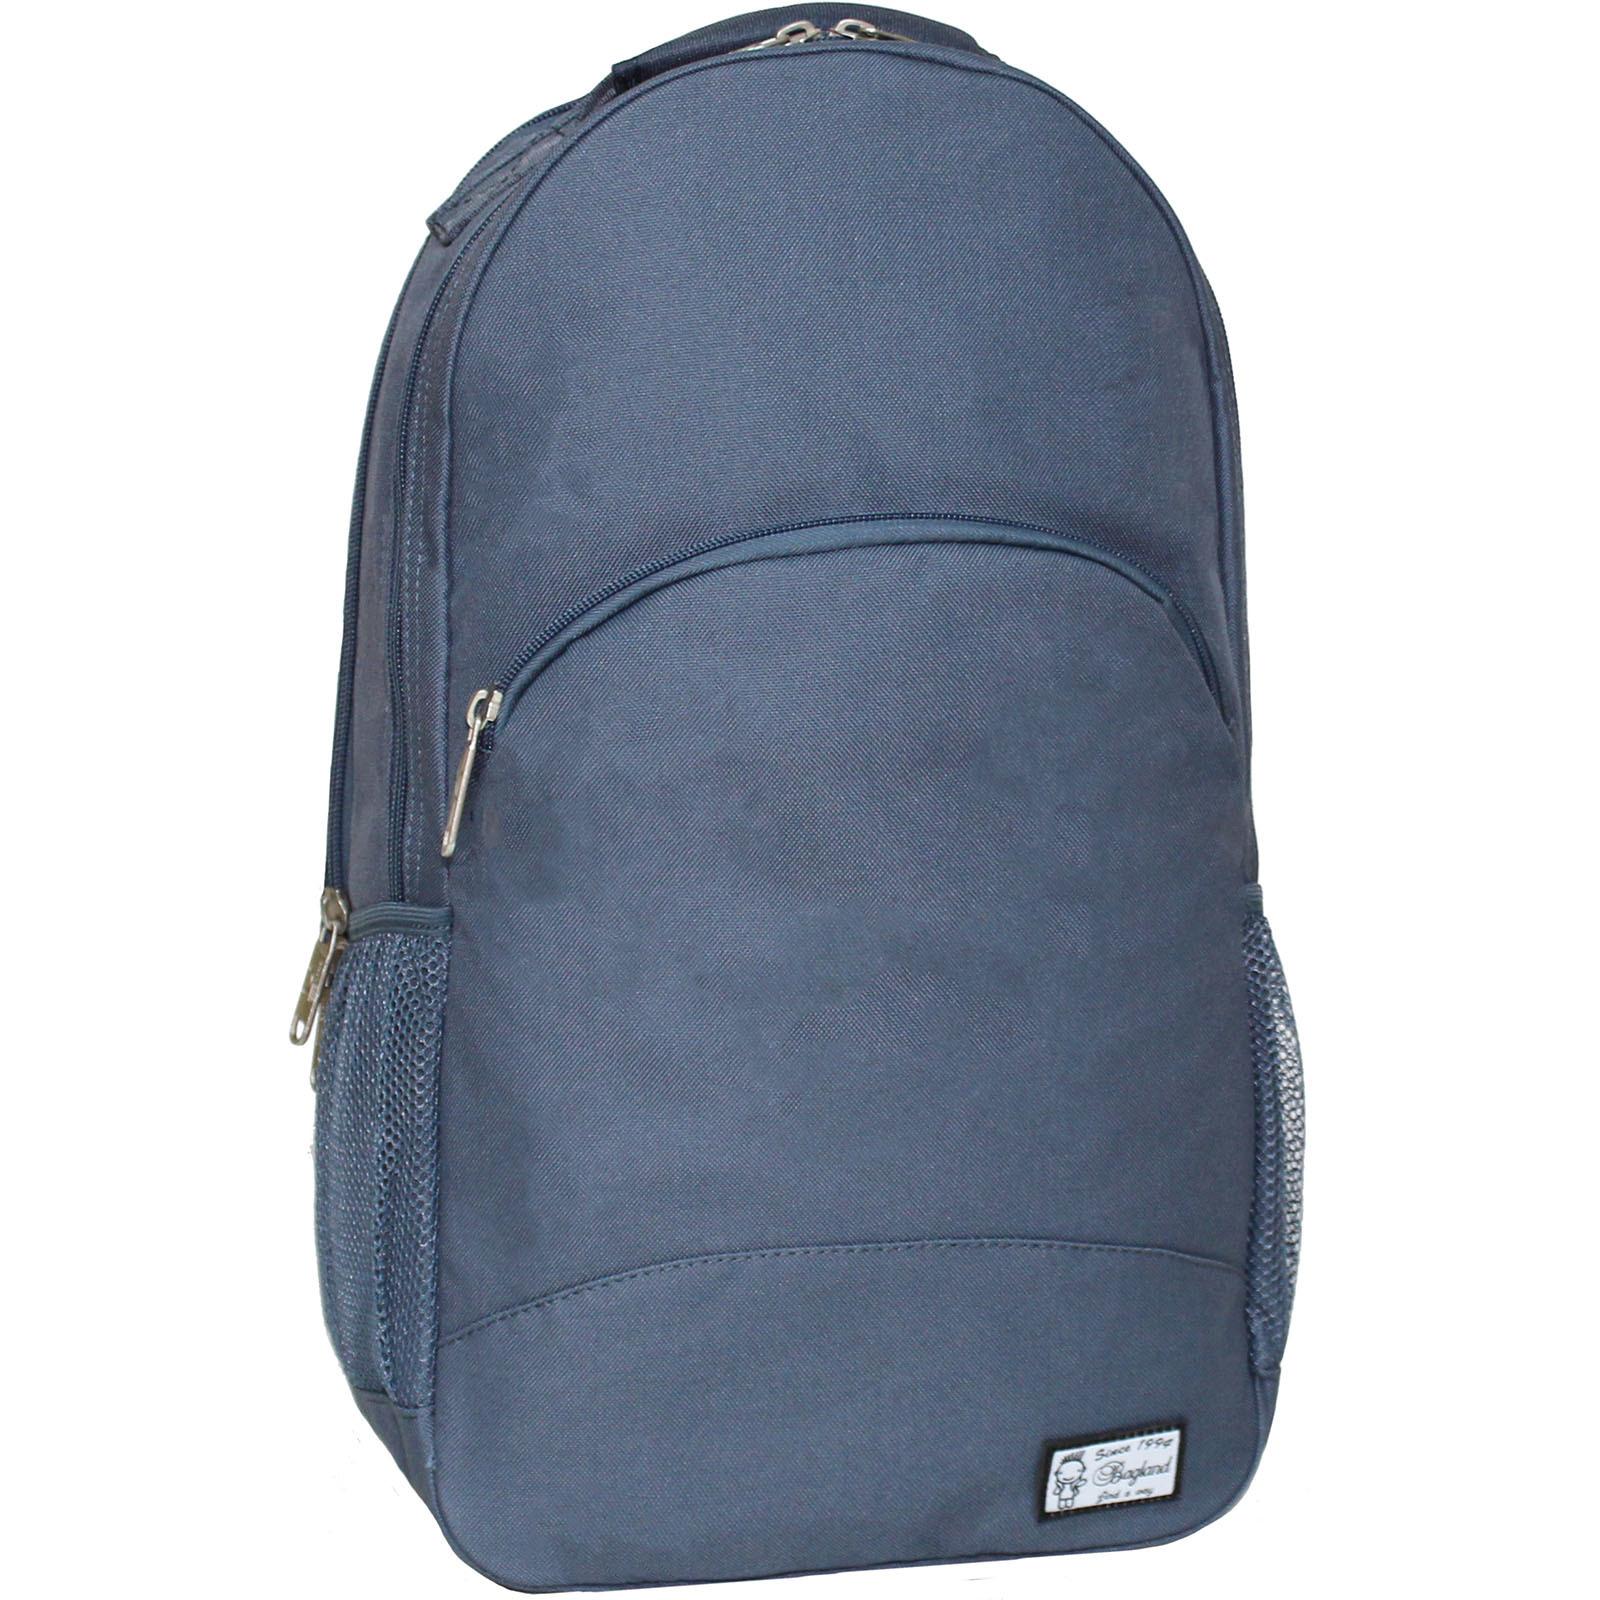 Рюкзаки для ноутбука Рюкзак Bagland UltraMax 20 л. Темно серый (00534662) IMG_1591.JPG